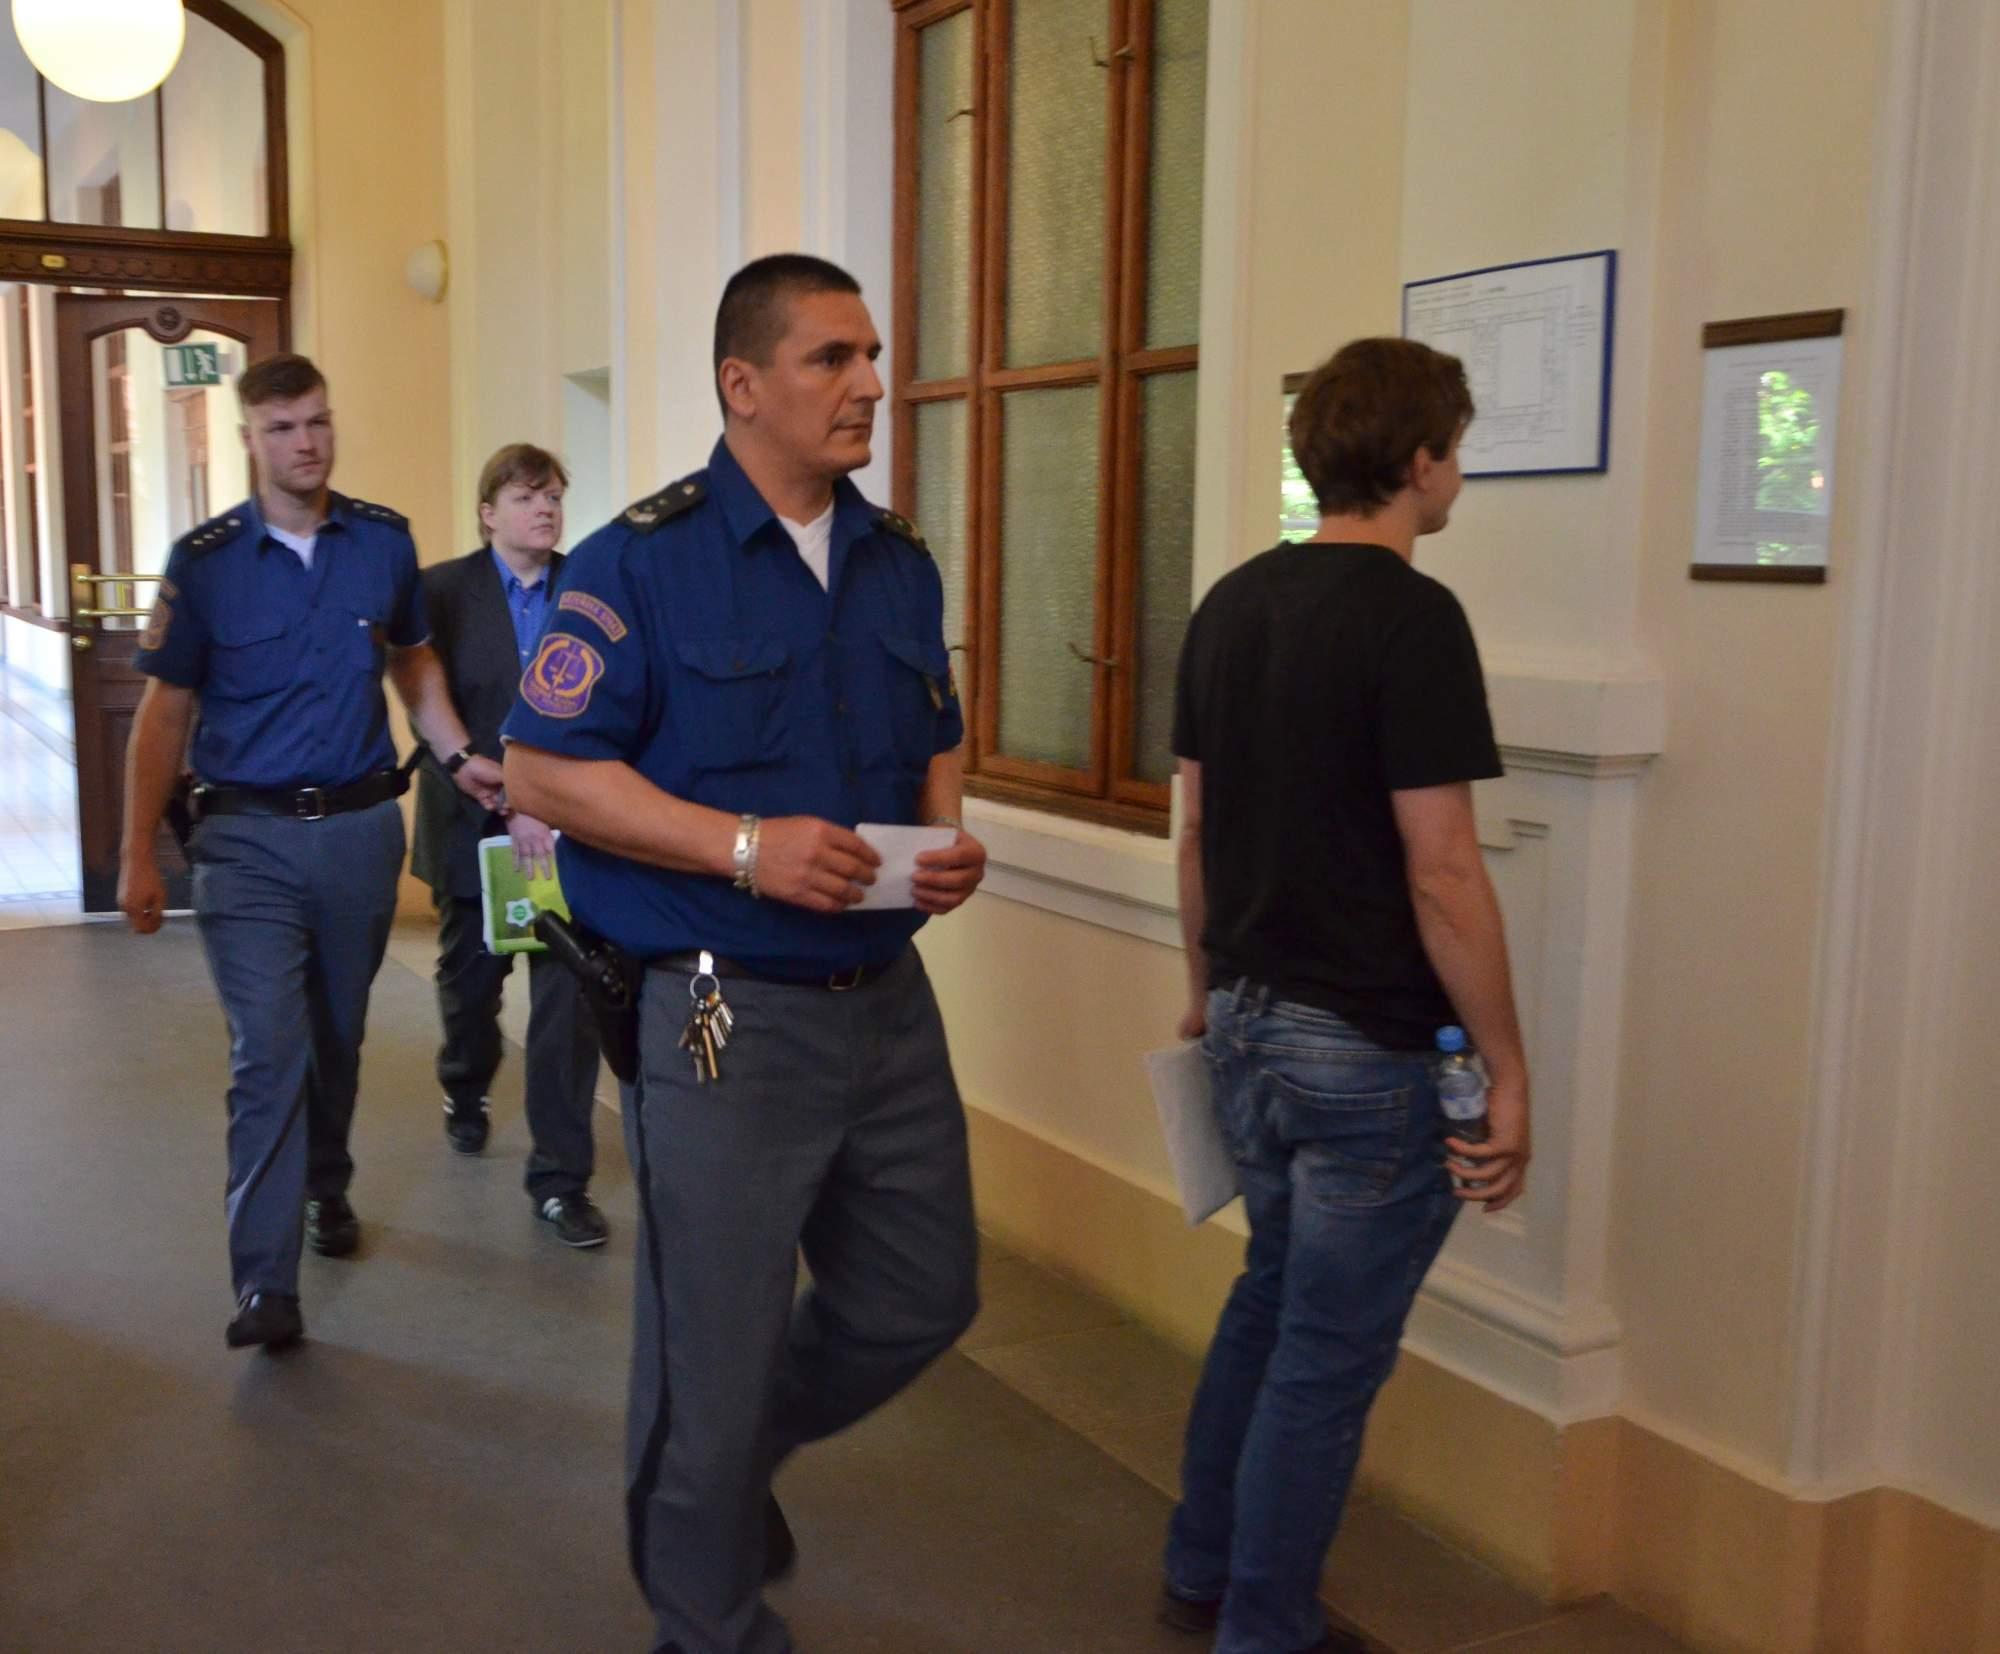 Eskorta přivádí obžalovaného Tomáše Jiřikovského. Foto: Kristýna Kucharčíková